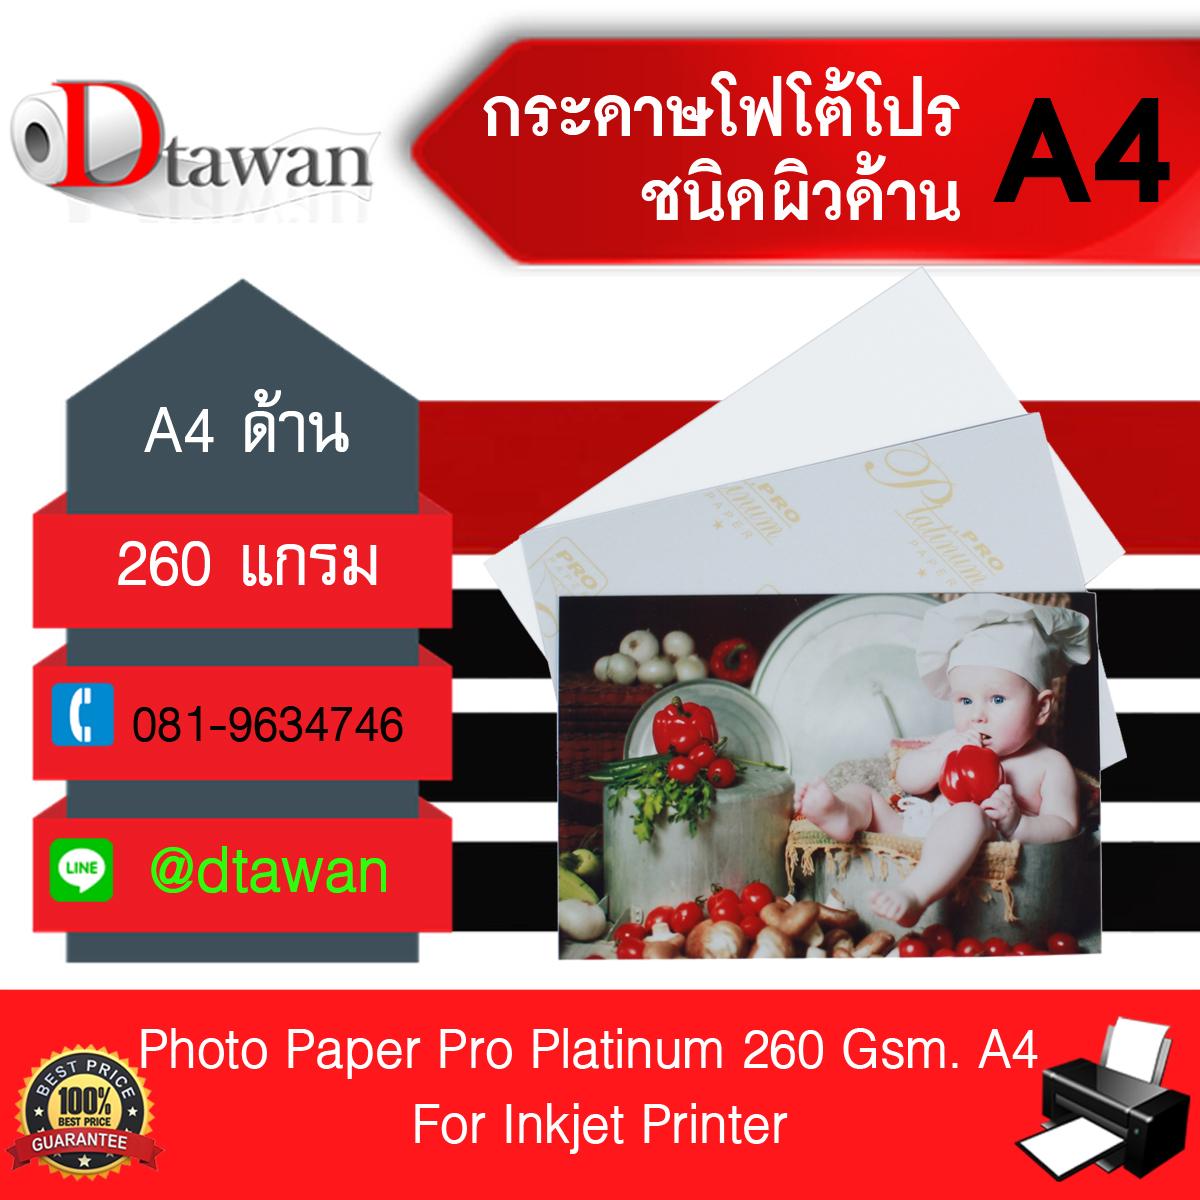 กระดาษโฟโต้โปร (PRO) รุ่น Platinum 260g ชนิดผิวด้าน ขนาด A4